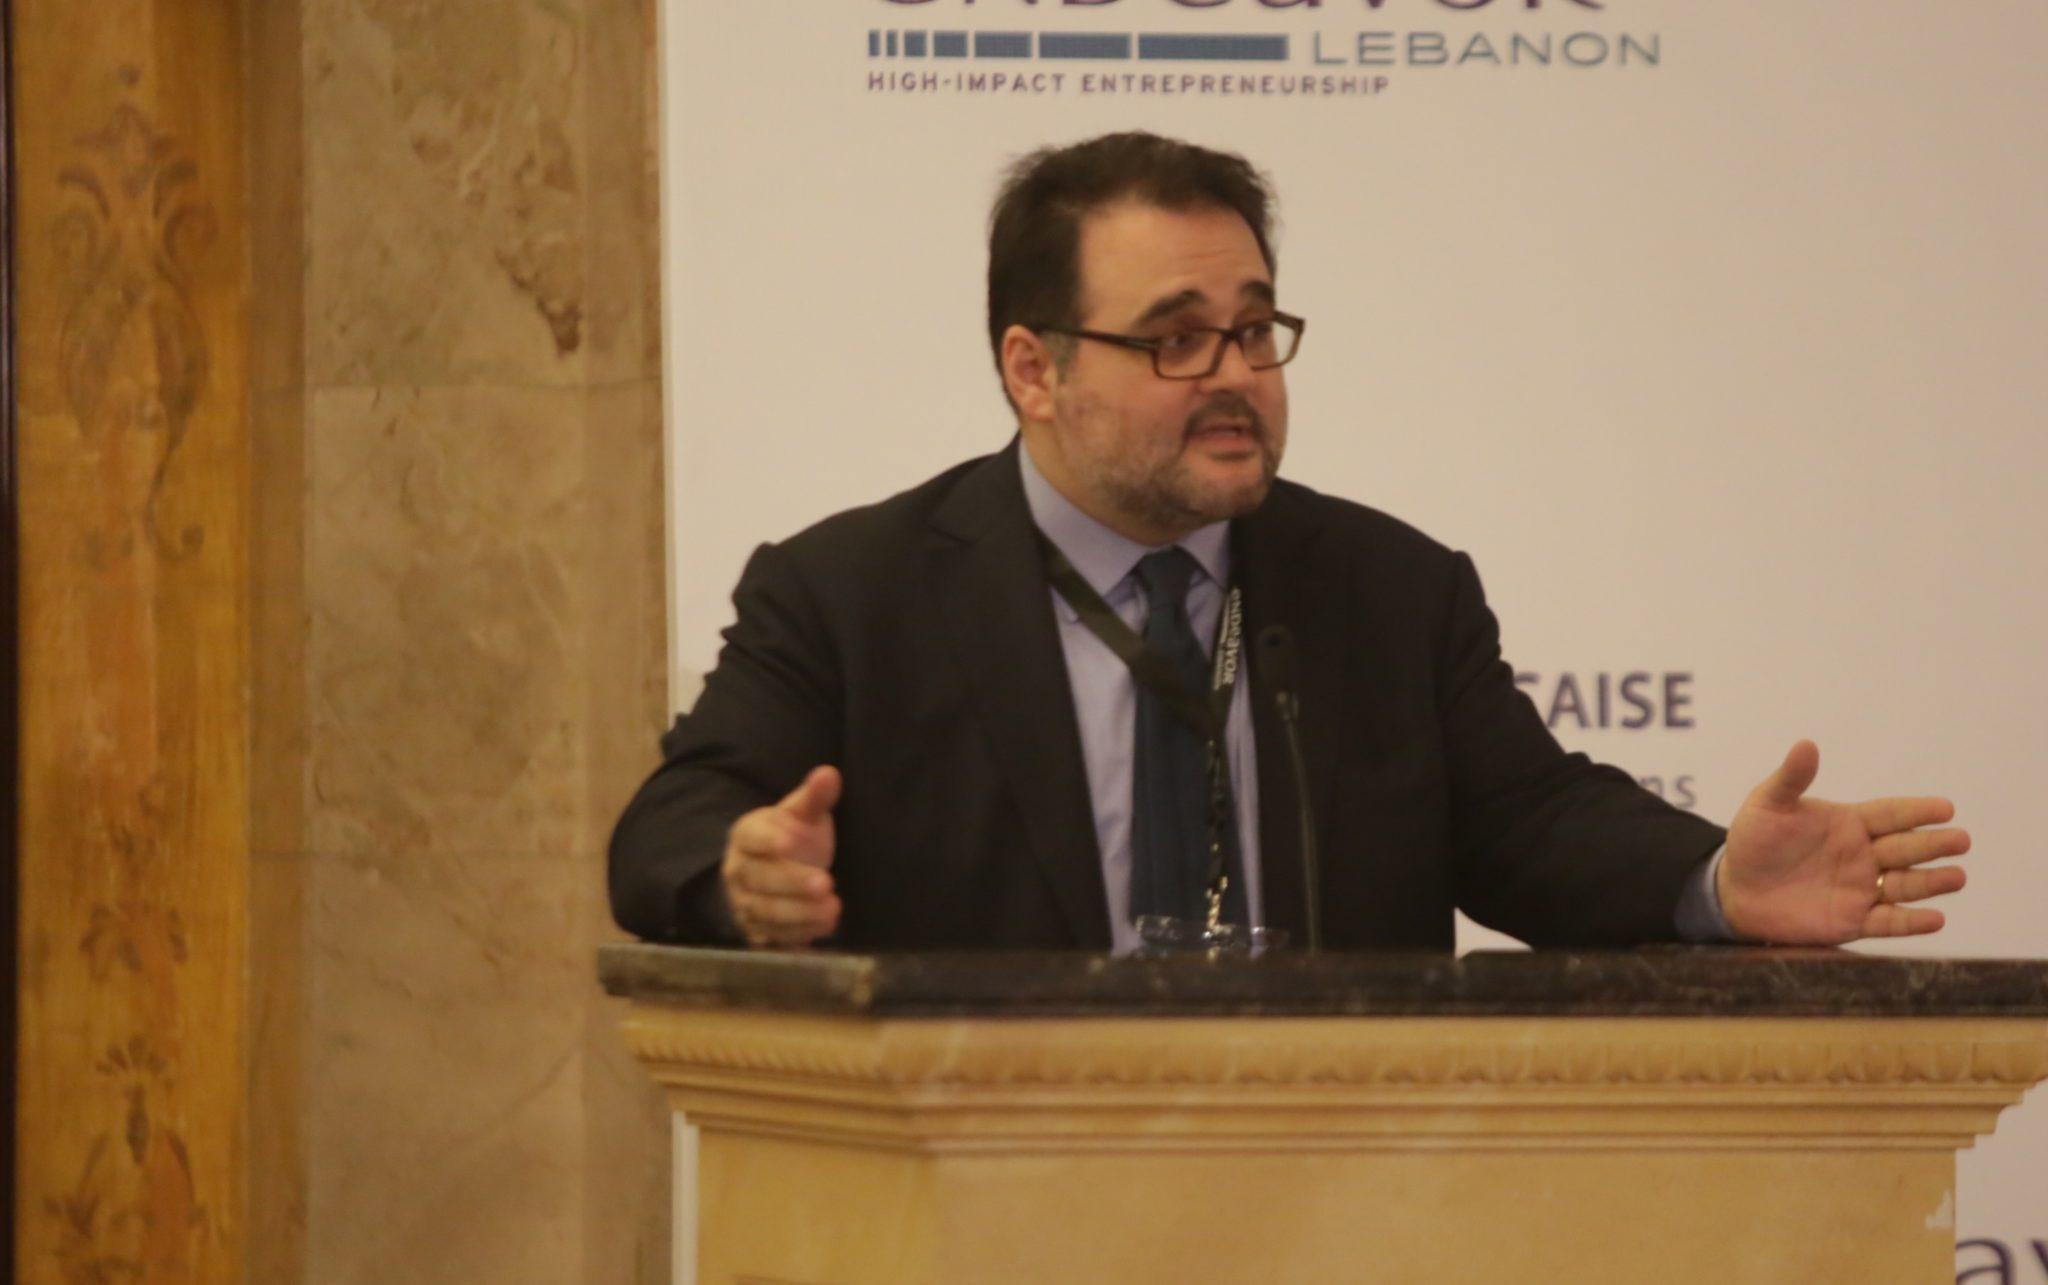 Ep 019: La Guerre m'a Appris Des Valeurs De Partage, Avec Tarek Sadi